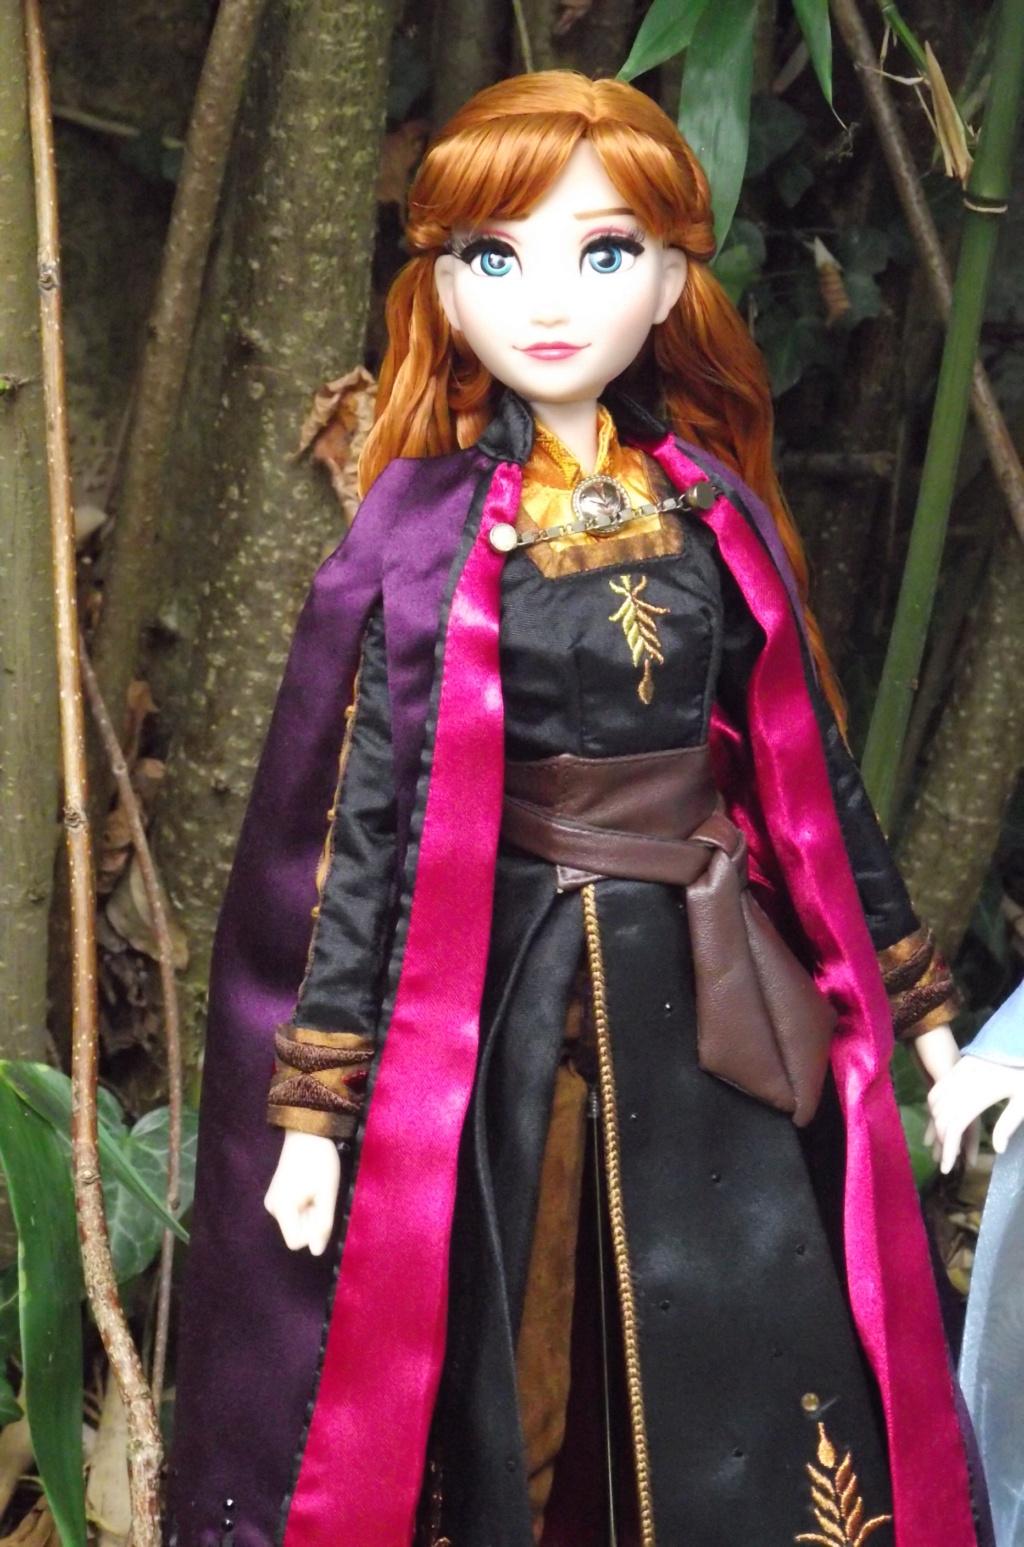 Nos poupées LE en photo : Pour le plaisir de partager - Page 27 Dscf3519